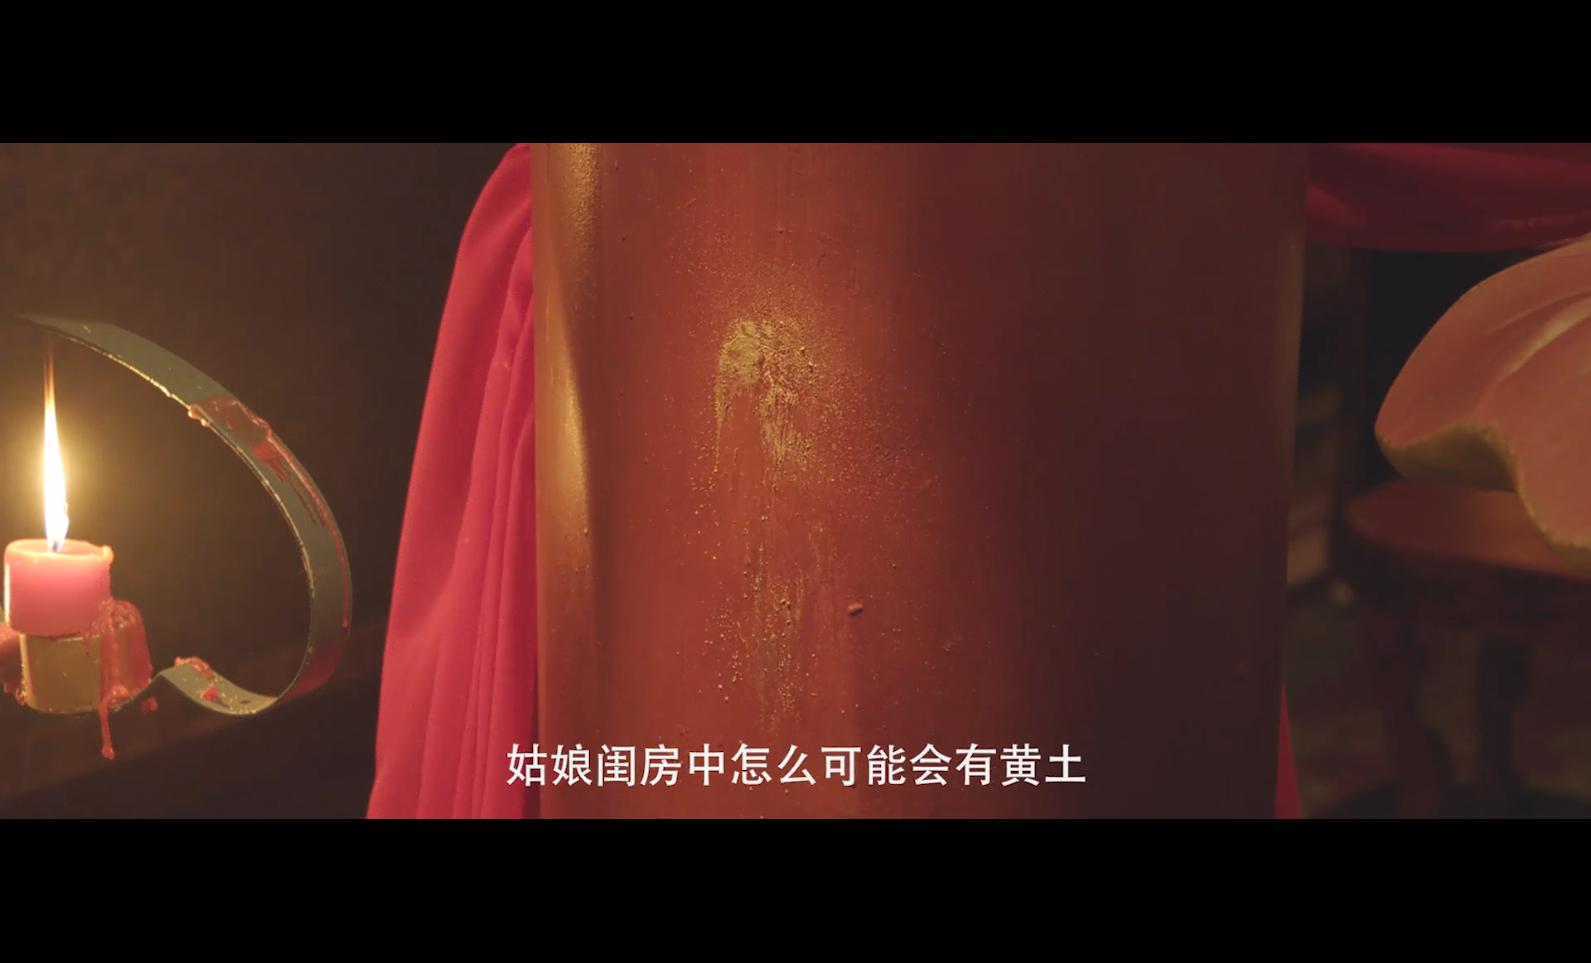 2018.[剧情/动作/悬疑][狄仁杰之幽冥道]HD1080P迅雷百度云高清下载图片 第4张